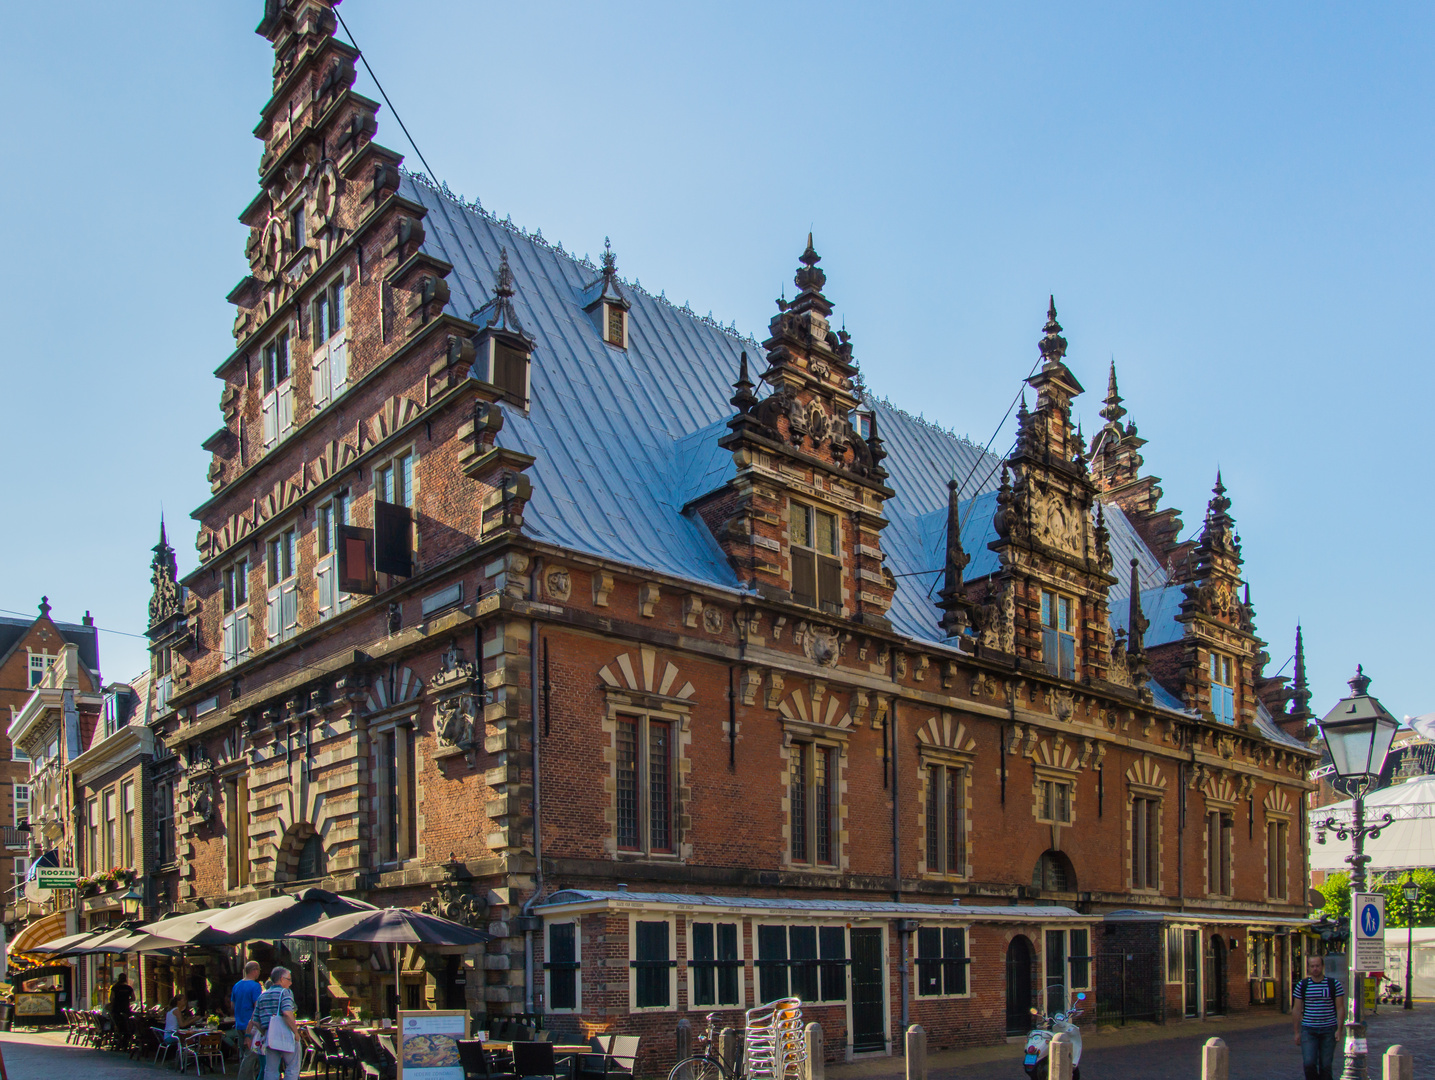 Ehemalige Fleischhalle am Grote Markt - Haarlem/Niederlande